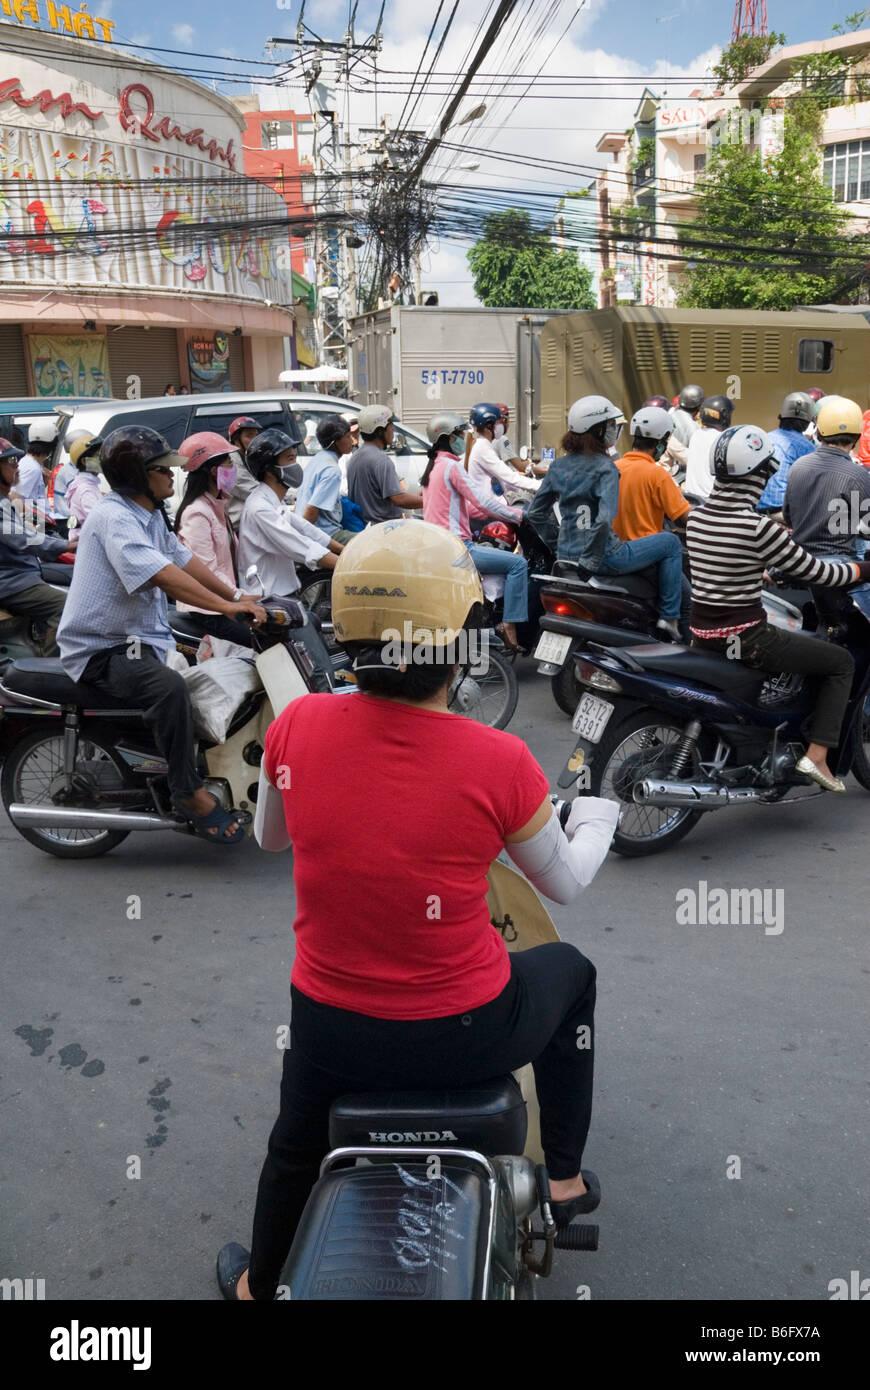 Warten auf eine Lücke im Verkehr, eine typische vietnamesische Straßenszene in Ho Chi Minh City, Vietnam Stockbild